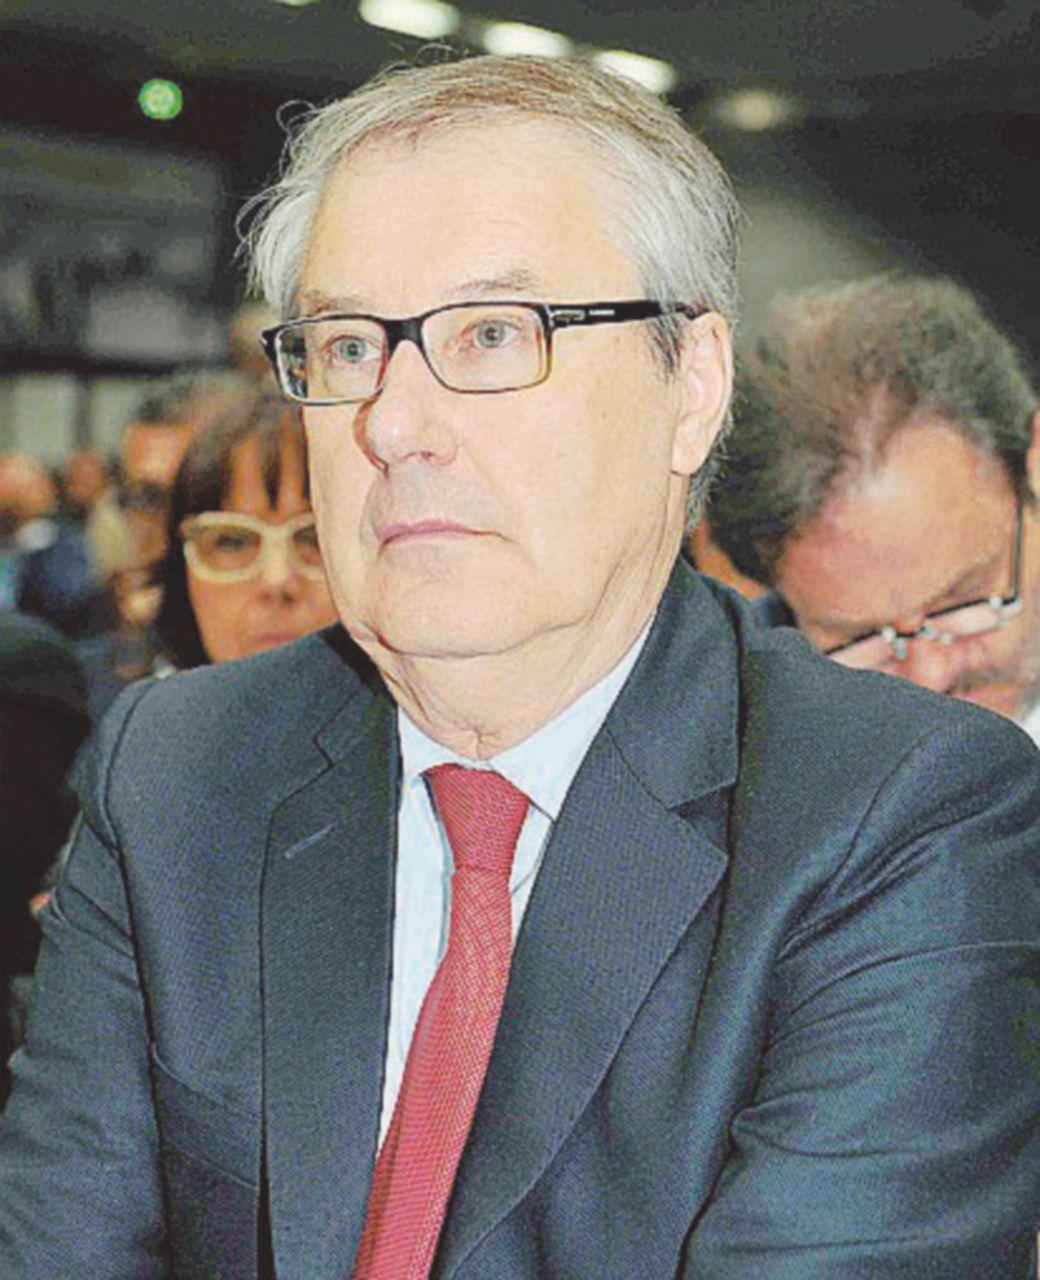 Banca Etruria, papà Boschi è ancora indagato: falso in prospetto e accesso abusivo al credito